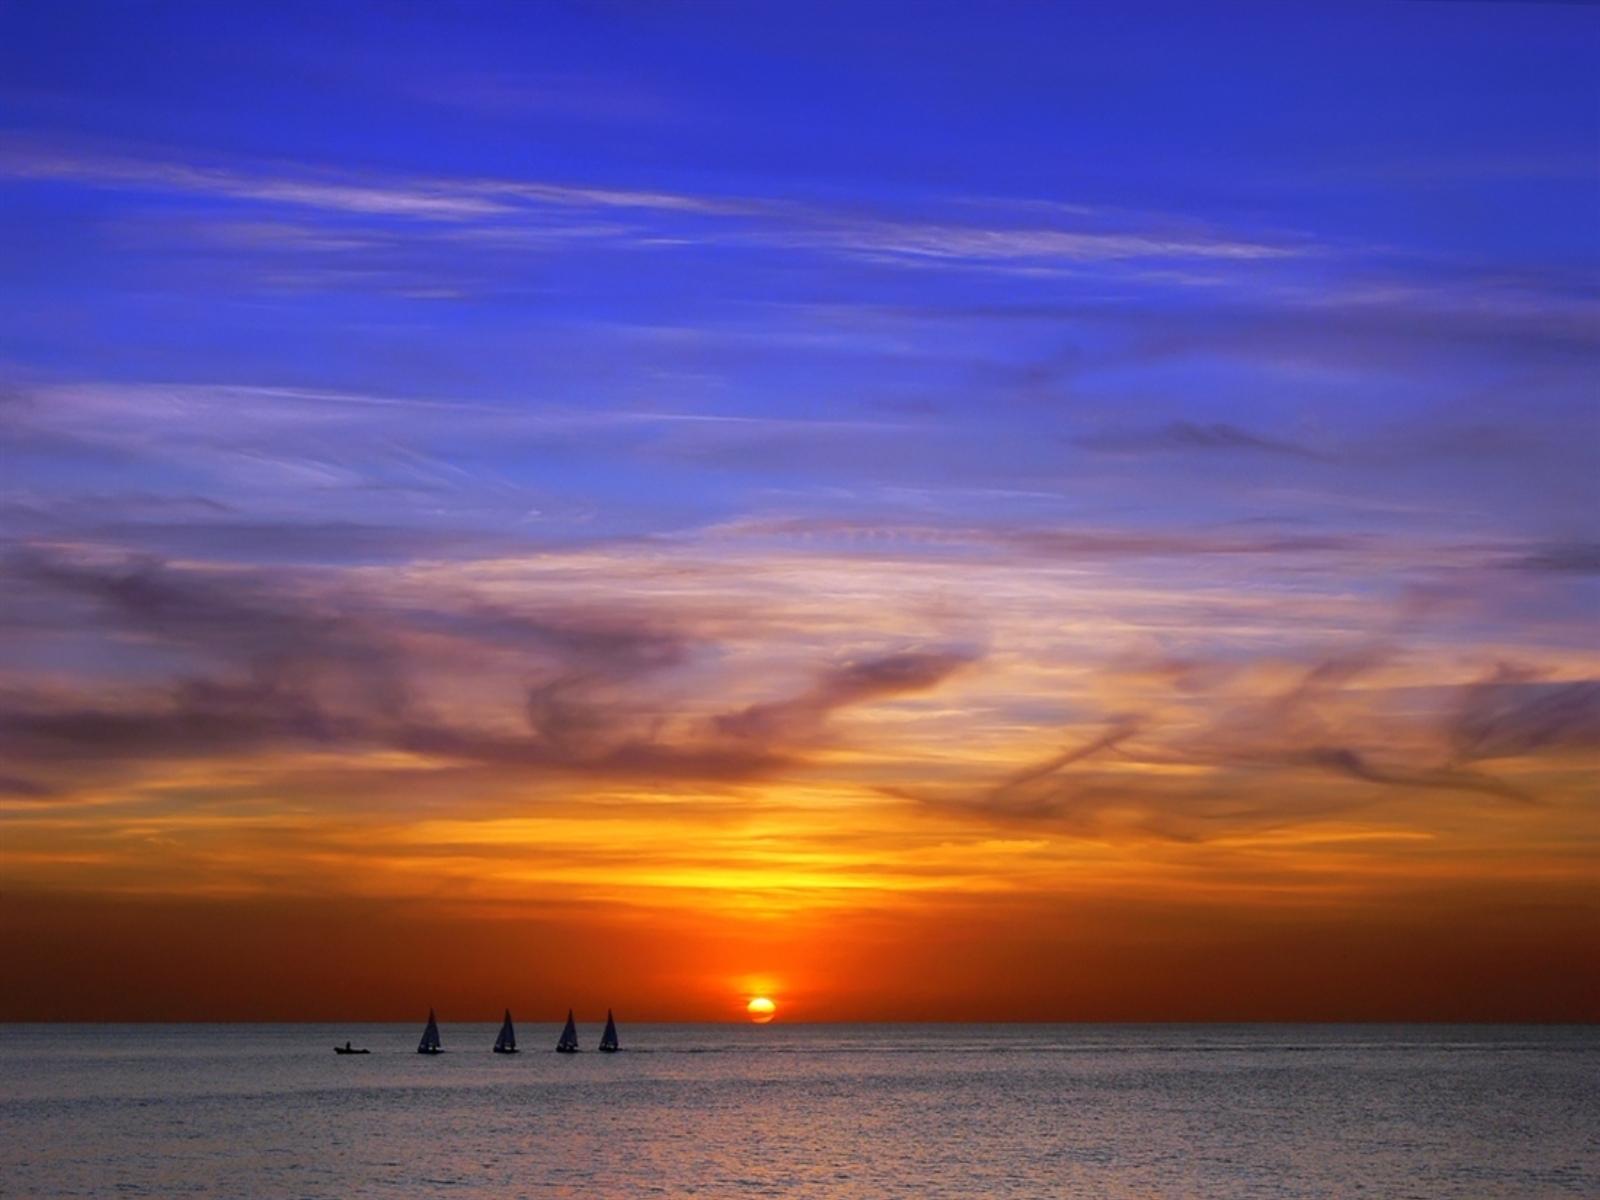 4843 скачать обои Пейзаж, Закат, Небо, Море, Солнце - заставки и картинки бесплатно